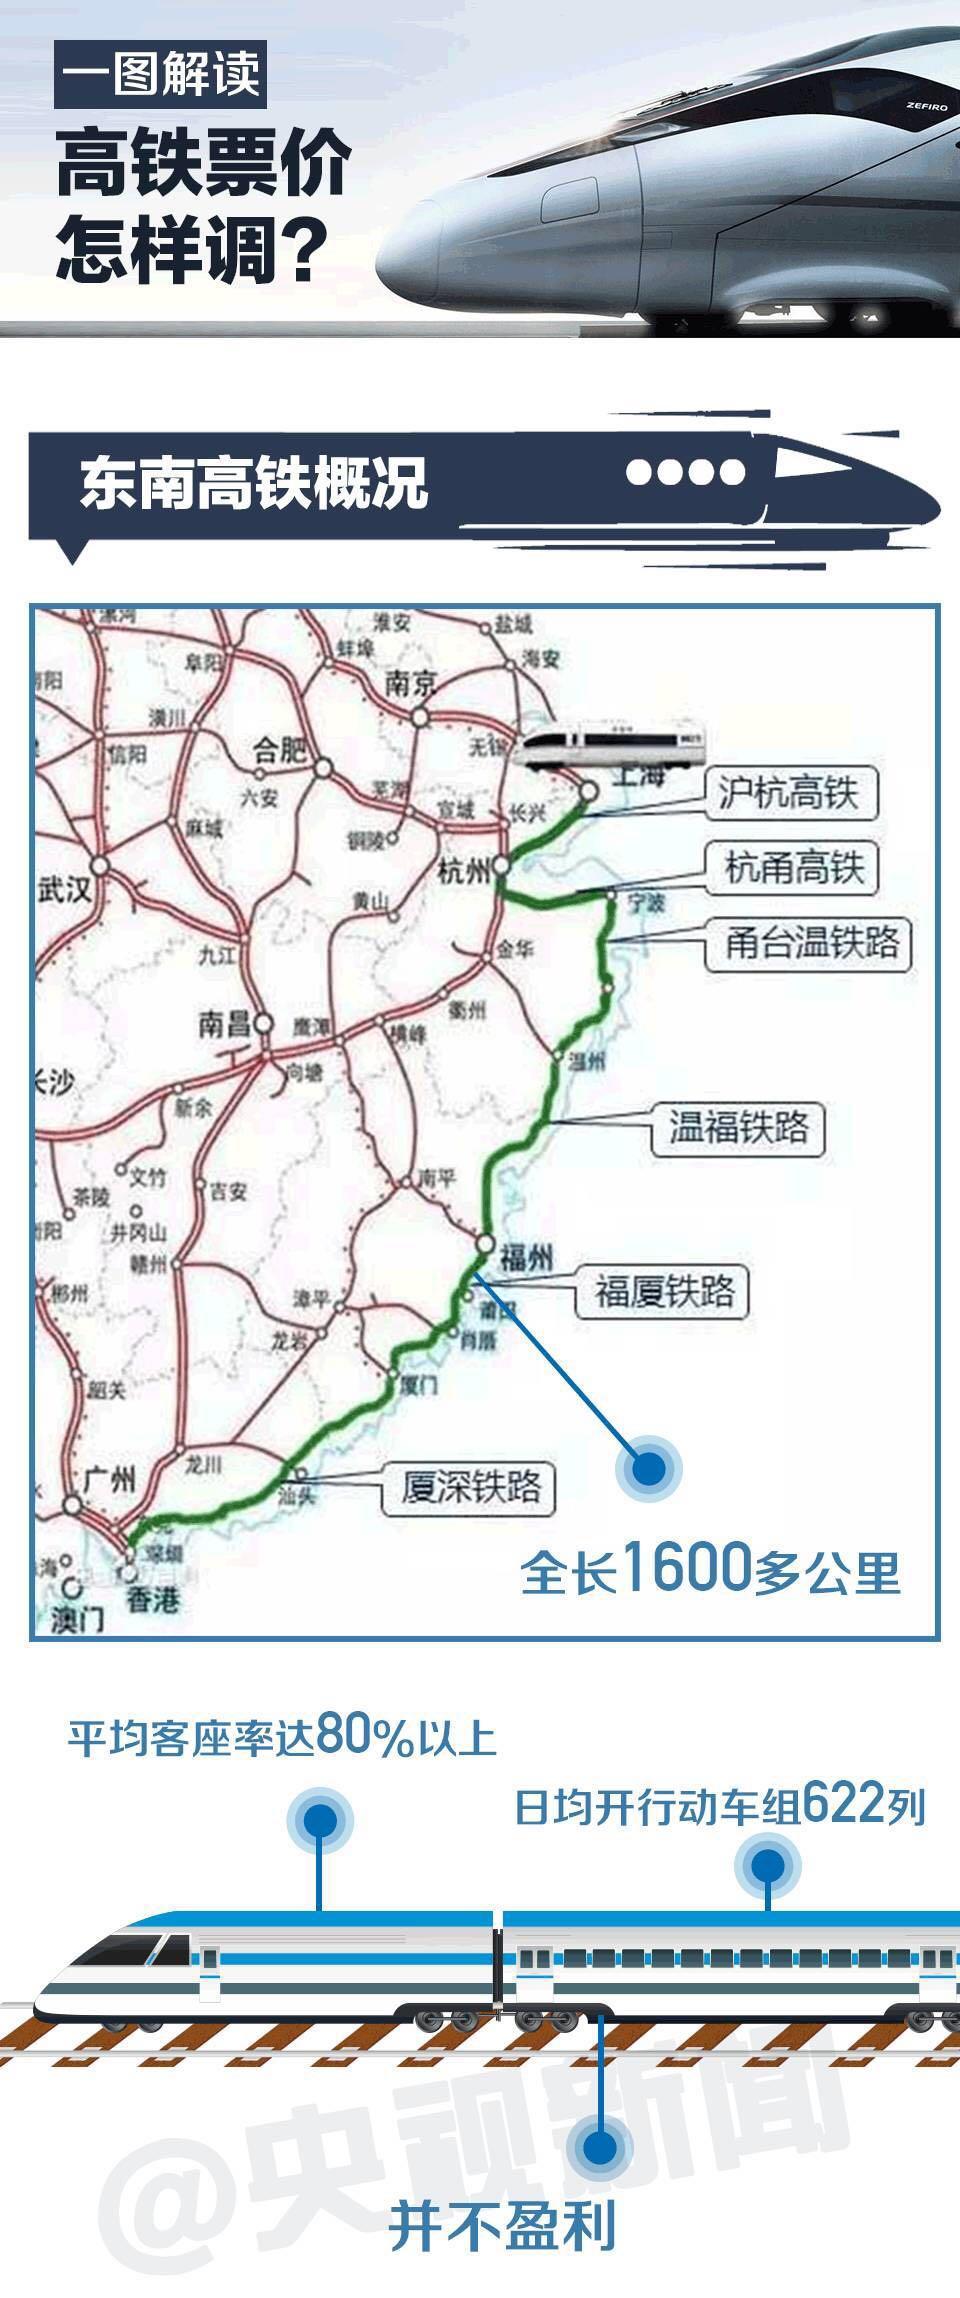 中国高铁将第一次跨省调价 一图解读票价怎样调